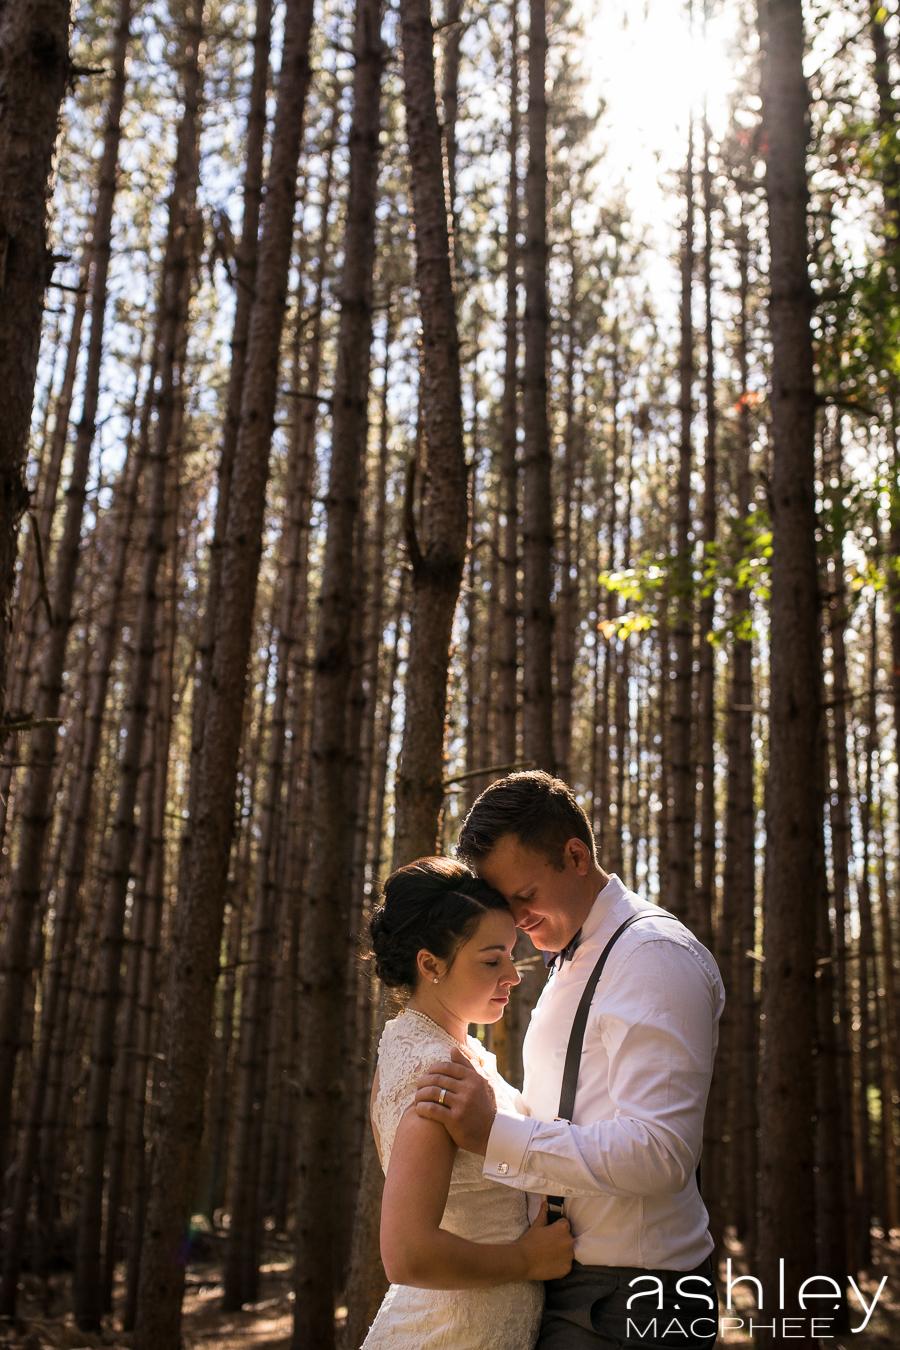 Ashley MacPhee Photography Mont Tremblant Wedding Photographer (41 of 92).jpg